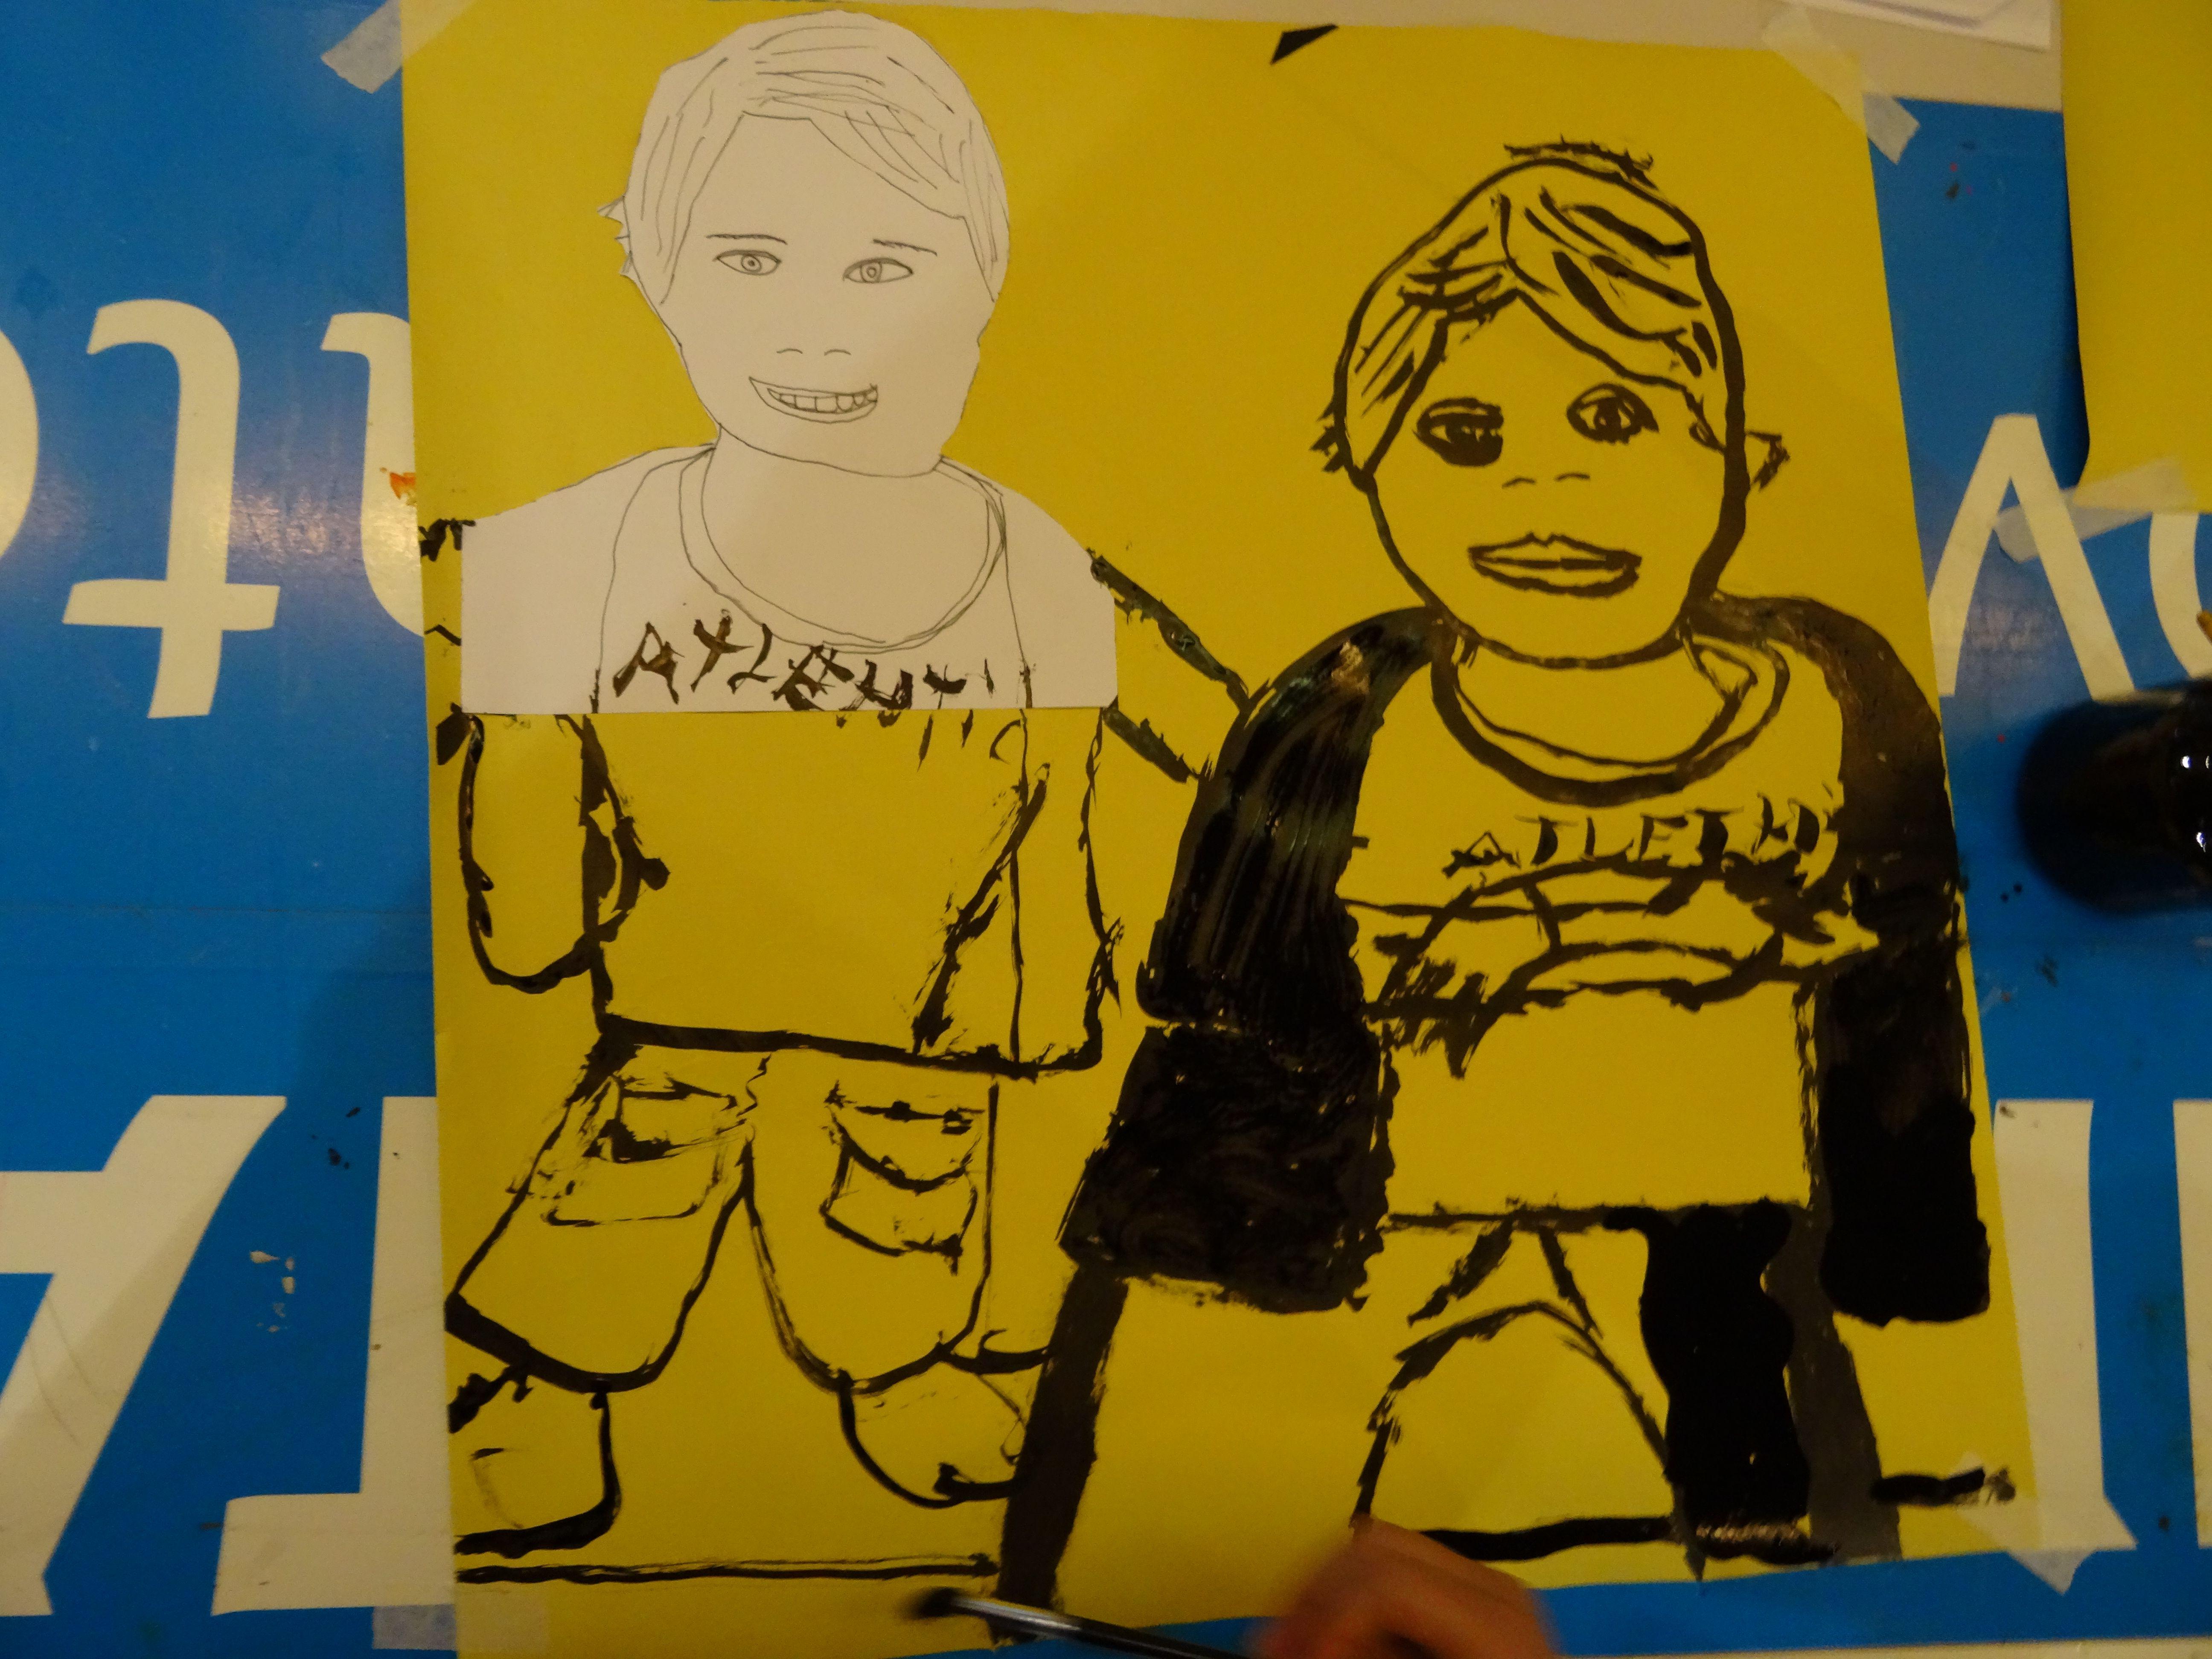 Kunst door de deelnemers van de Vrijstaat Kunstacademie. heb ik gemaakt op de vrijstaat